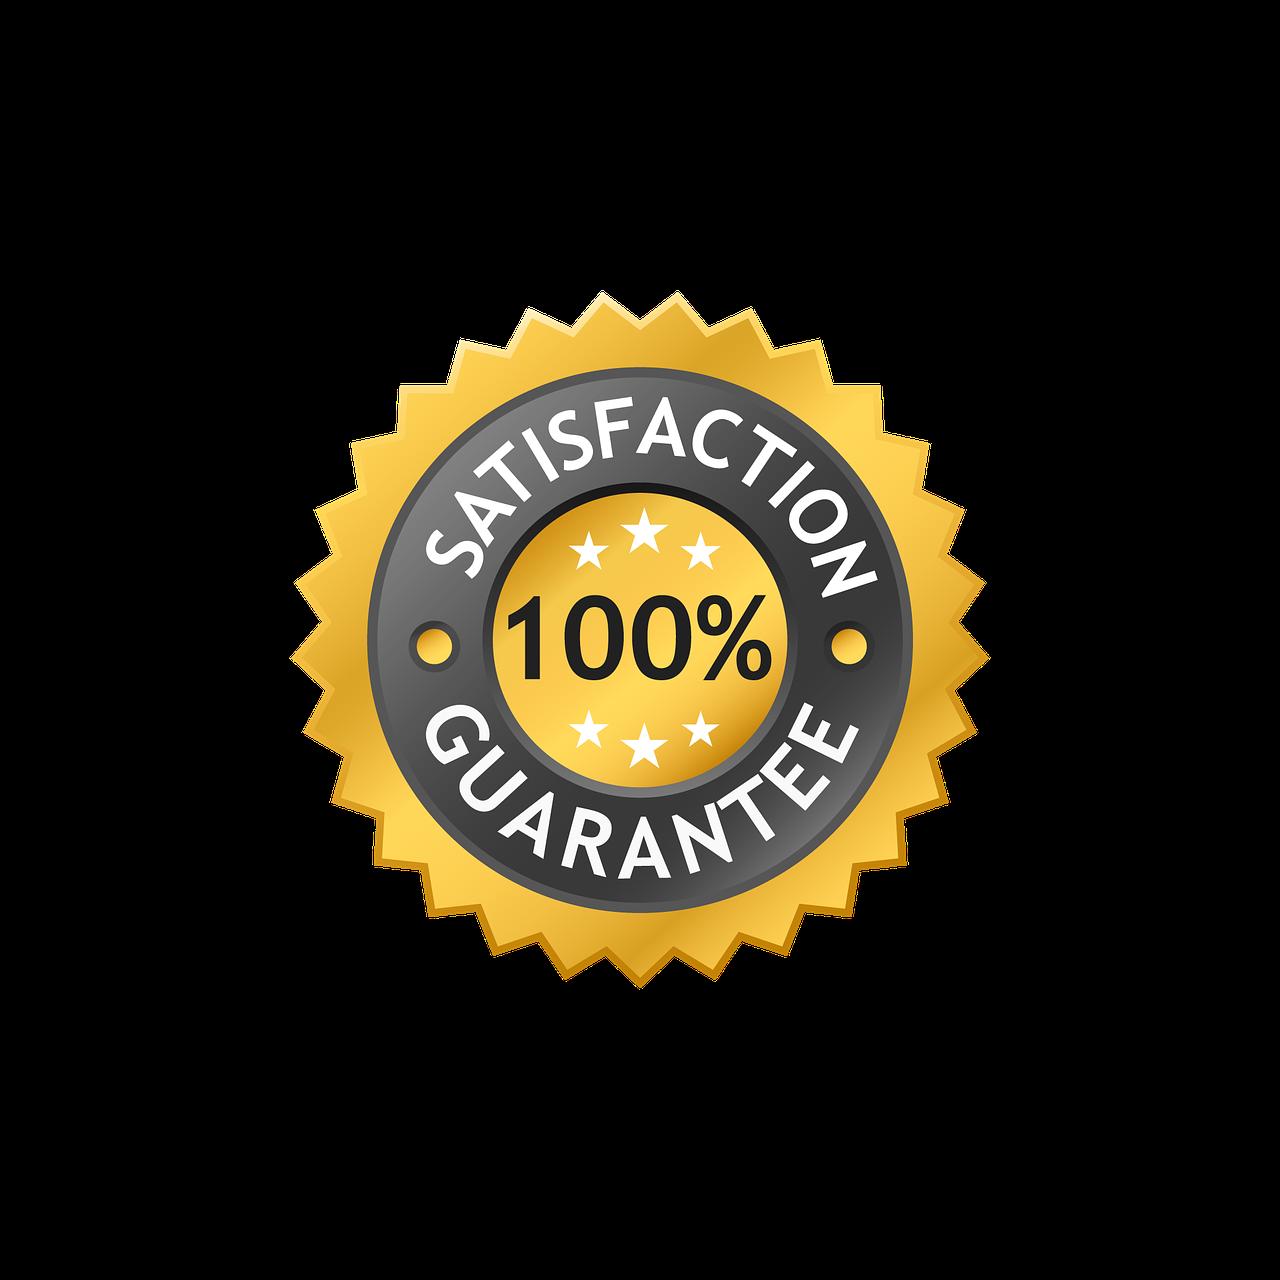 LLN - Satisfaction Guaranteed